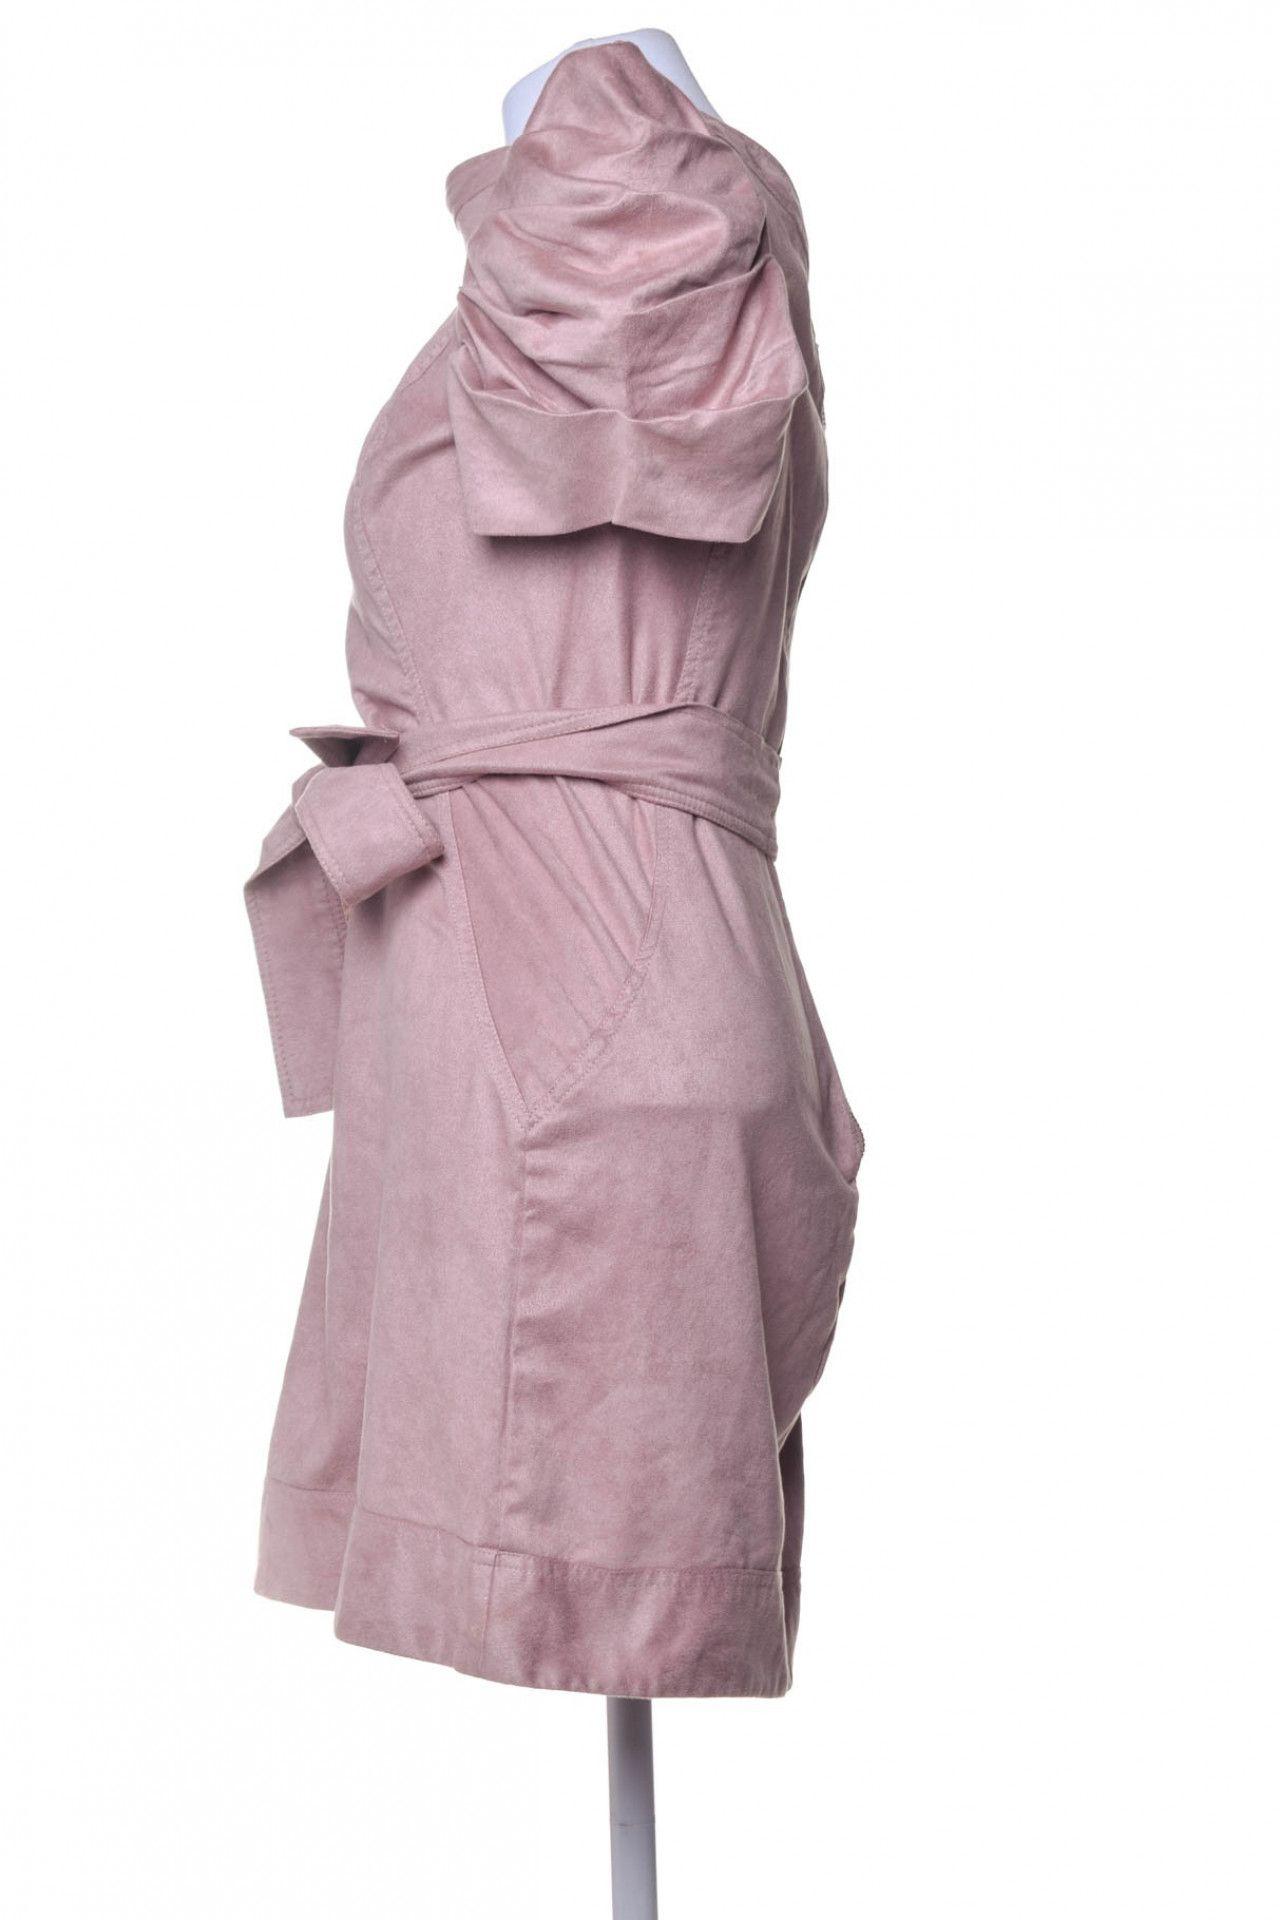 Litt - Vestido Suede Rosê - Foto 2